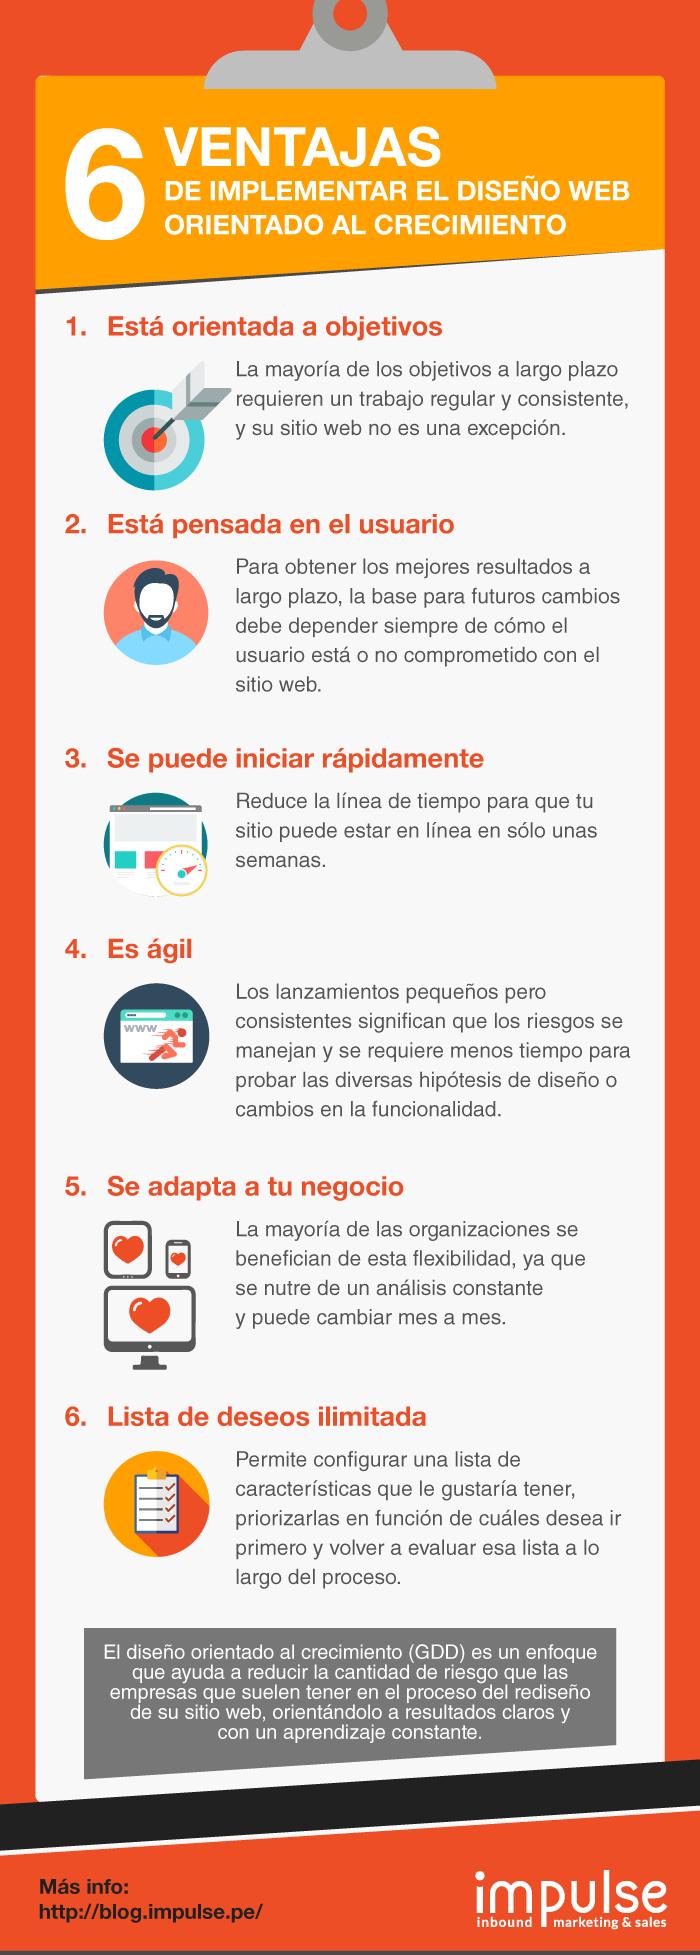 infografia-6-ventajas-de-implentar-diseno-web-orientado-al-crecimiento.png